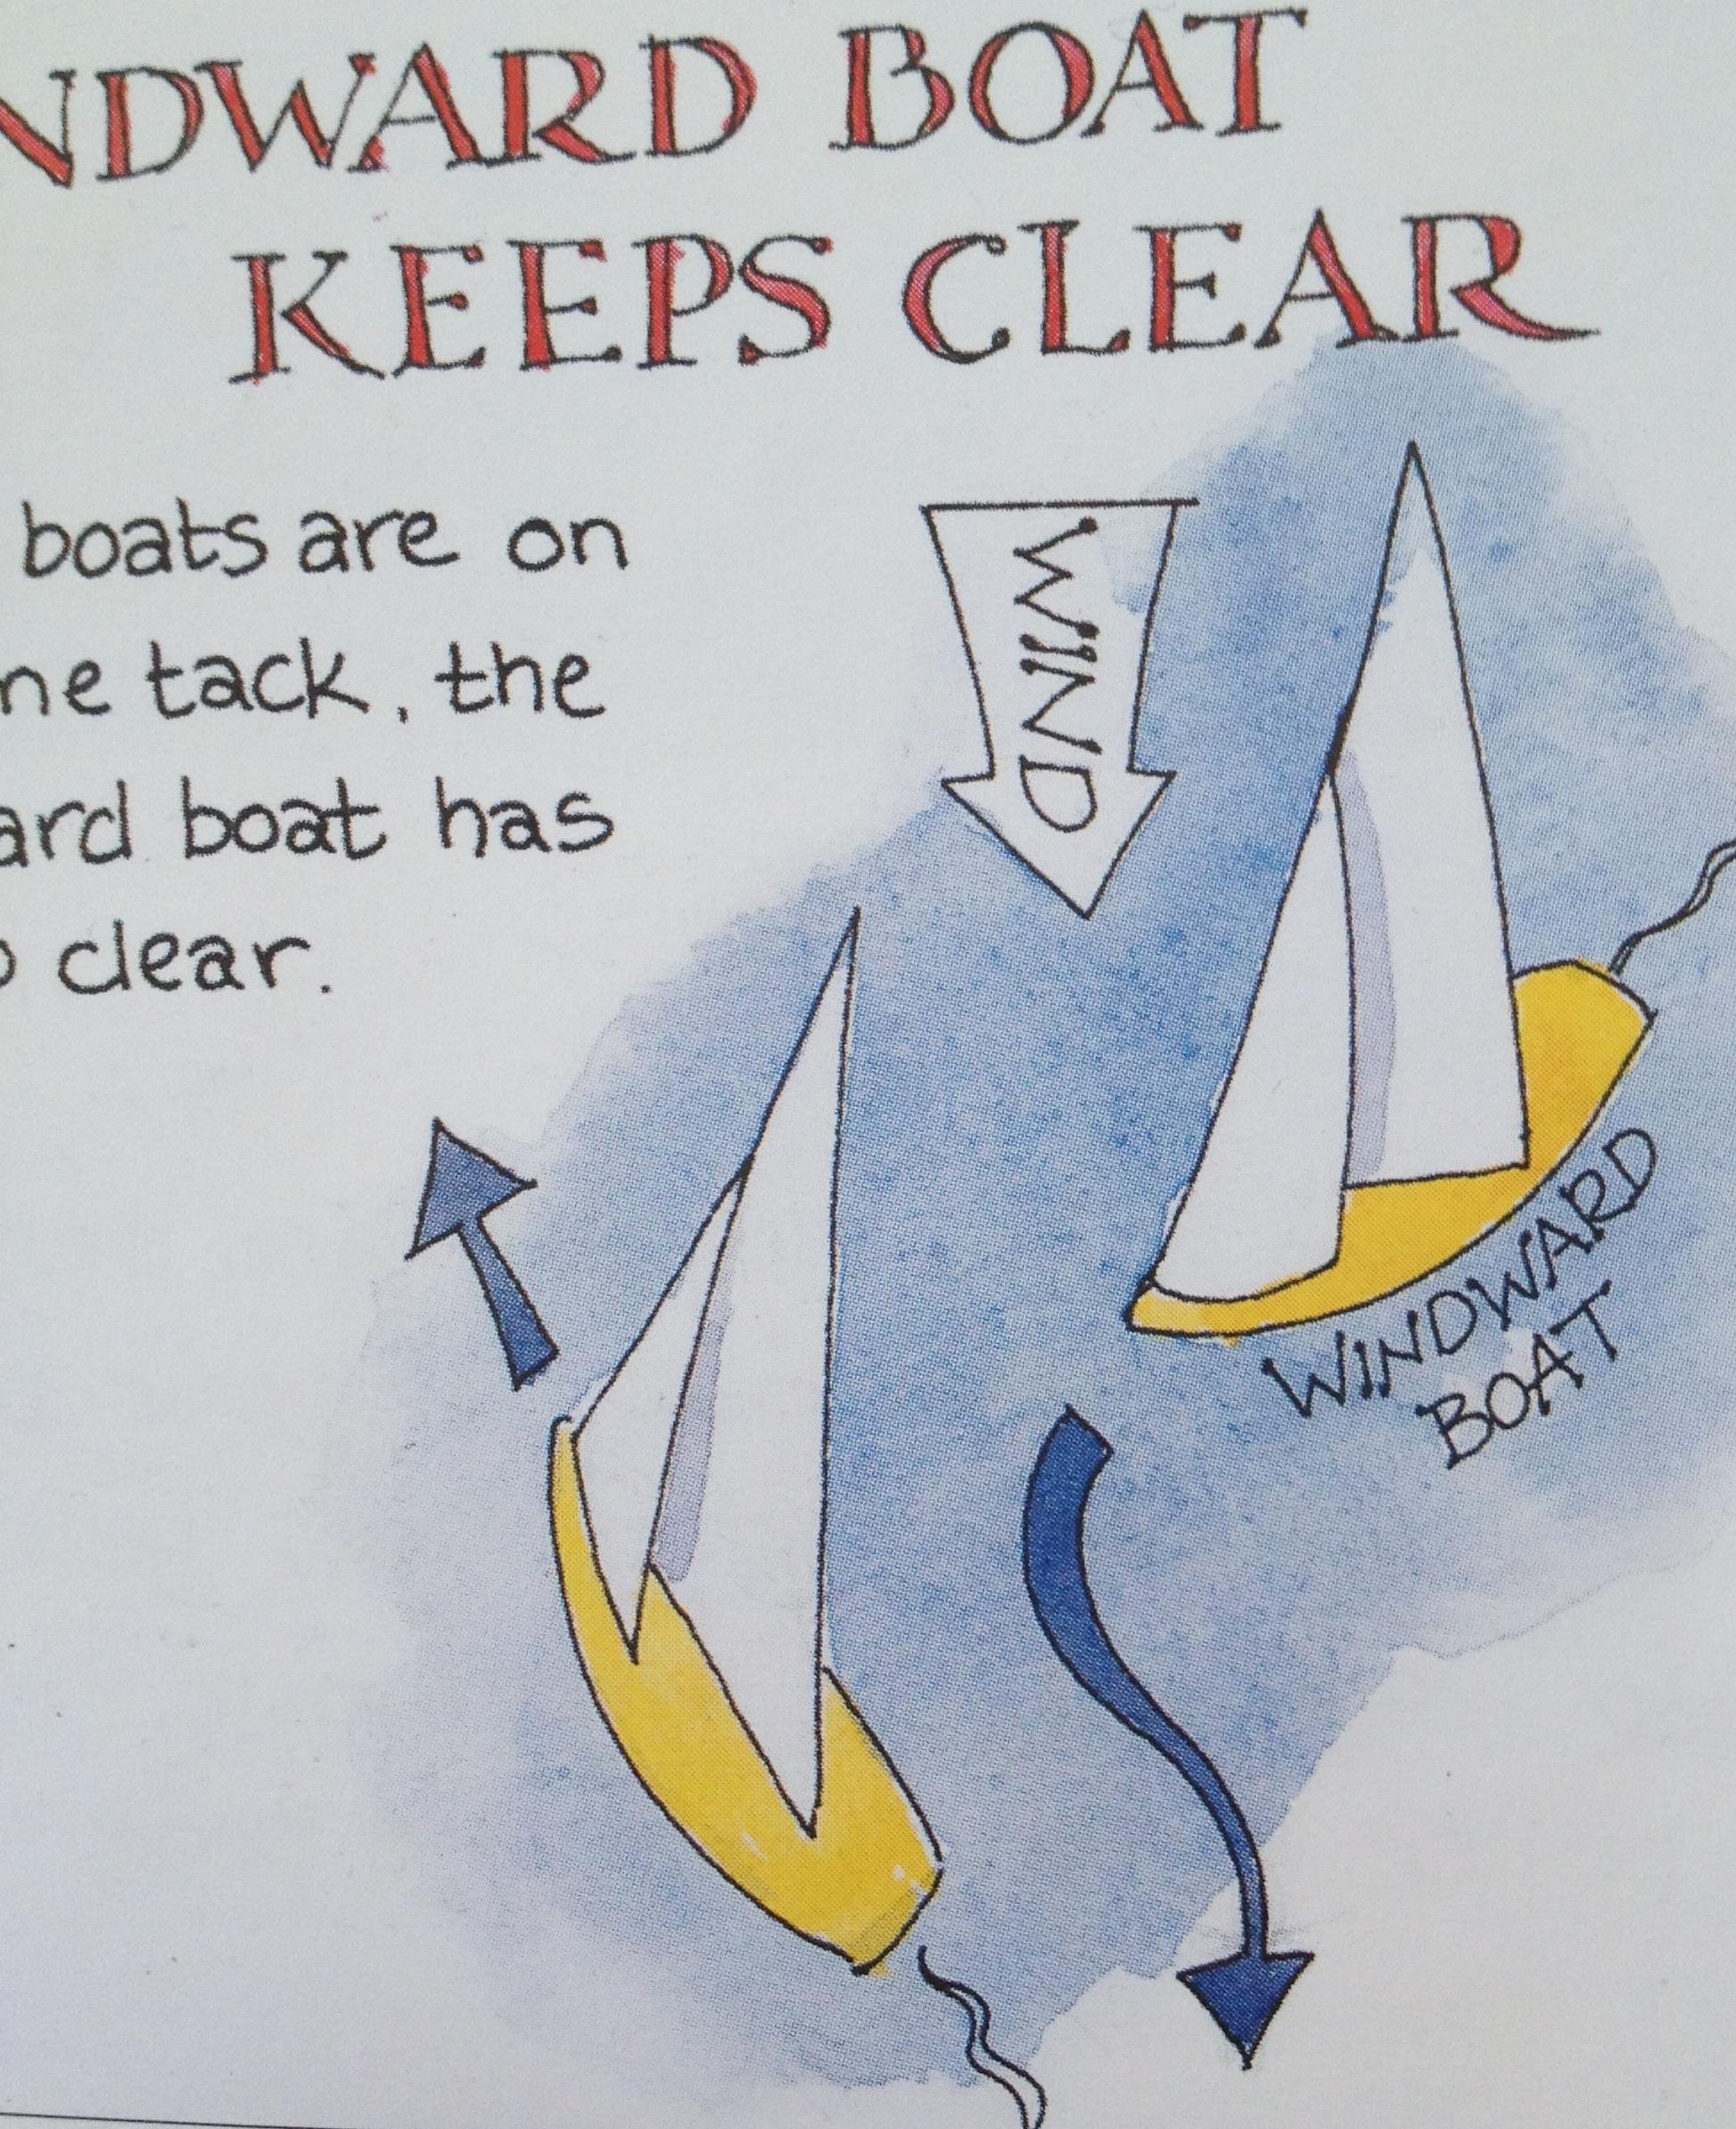 上风 当两条船同舷风并相联时,上风船要避让下风船。 25c.JPG